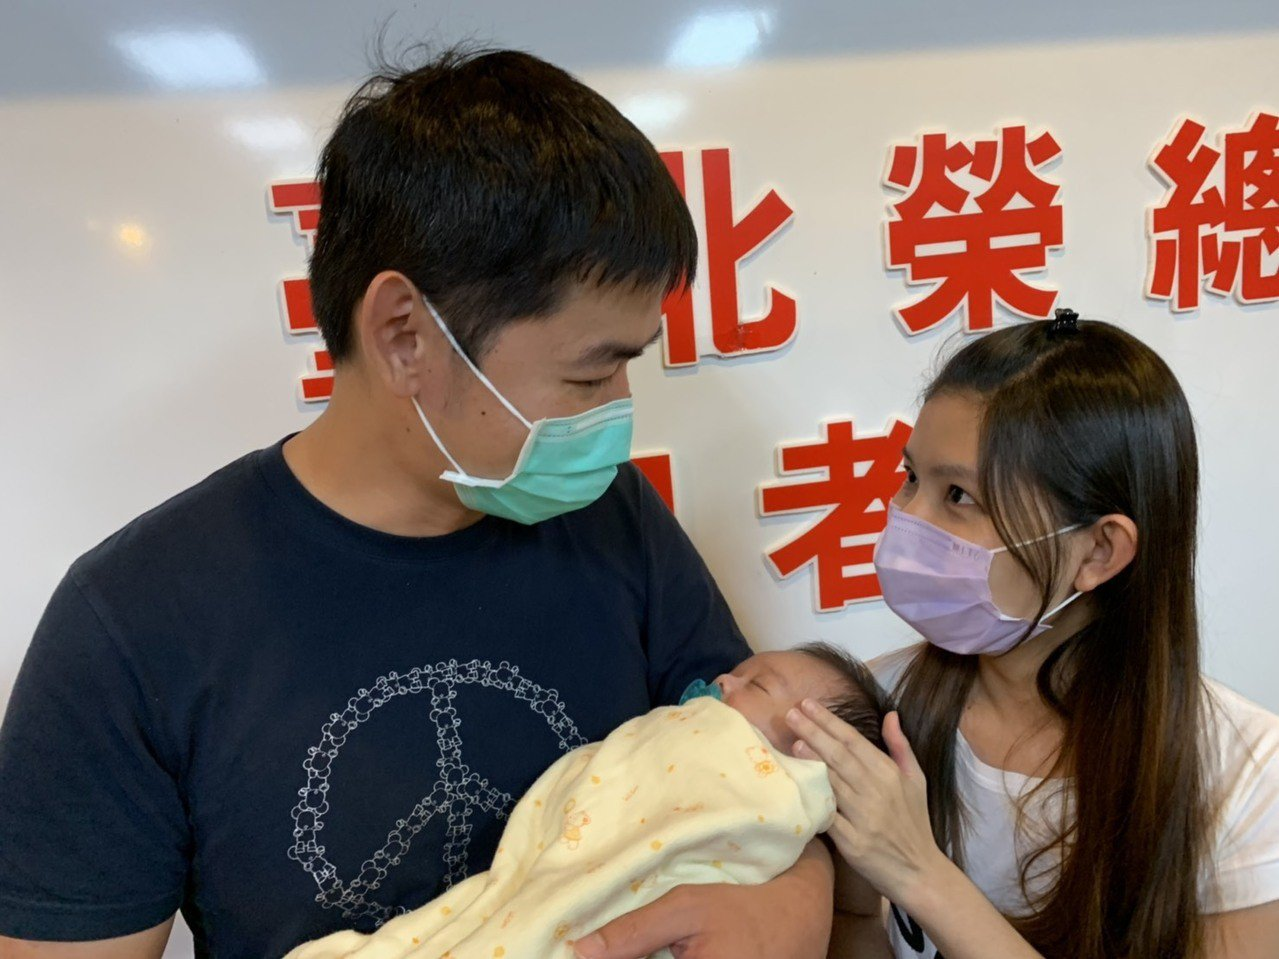 張姓夫妻攜手挺過難關,兒子被診斷罹患新生兒血鐵沈積症,需要肝臟移植才能救命,媽媽...